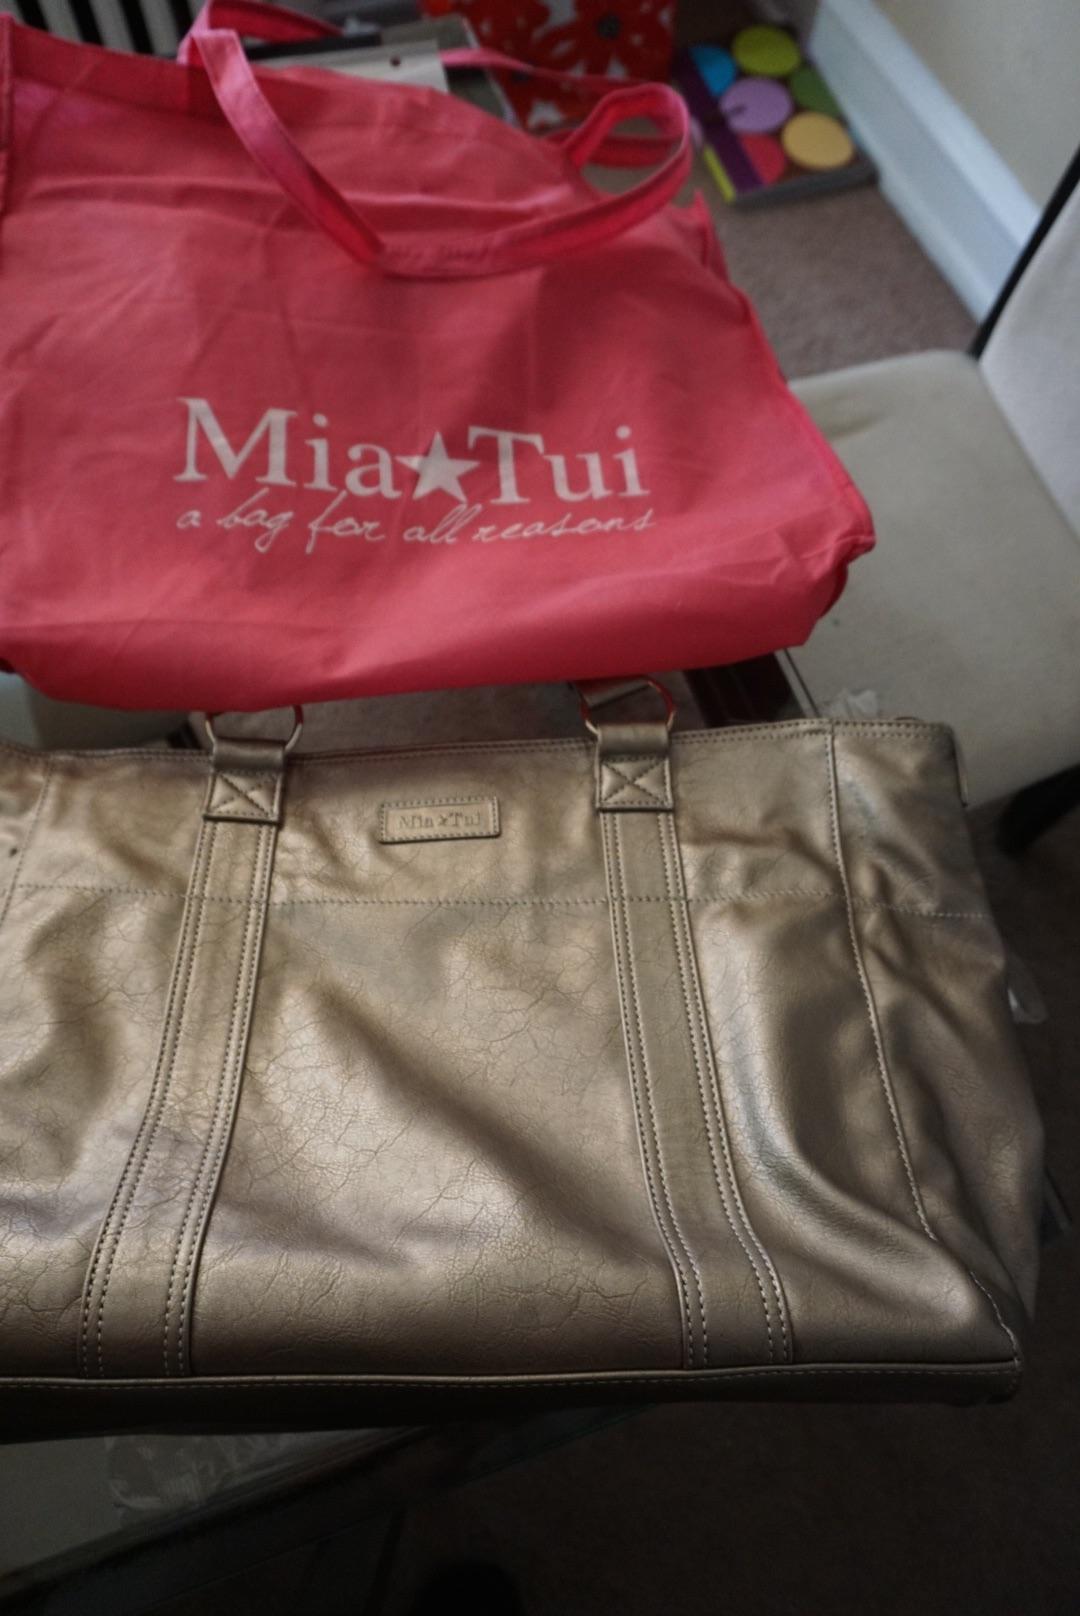 Mia Tui handbag